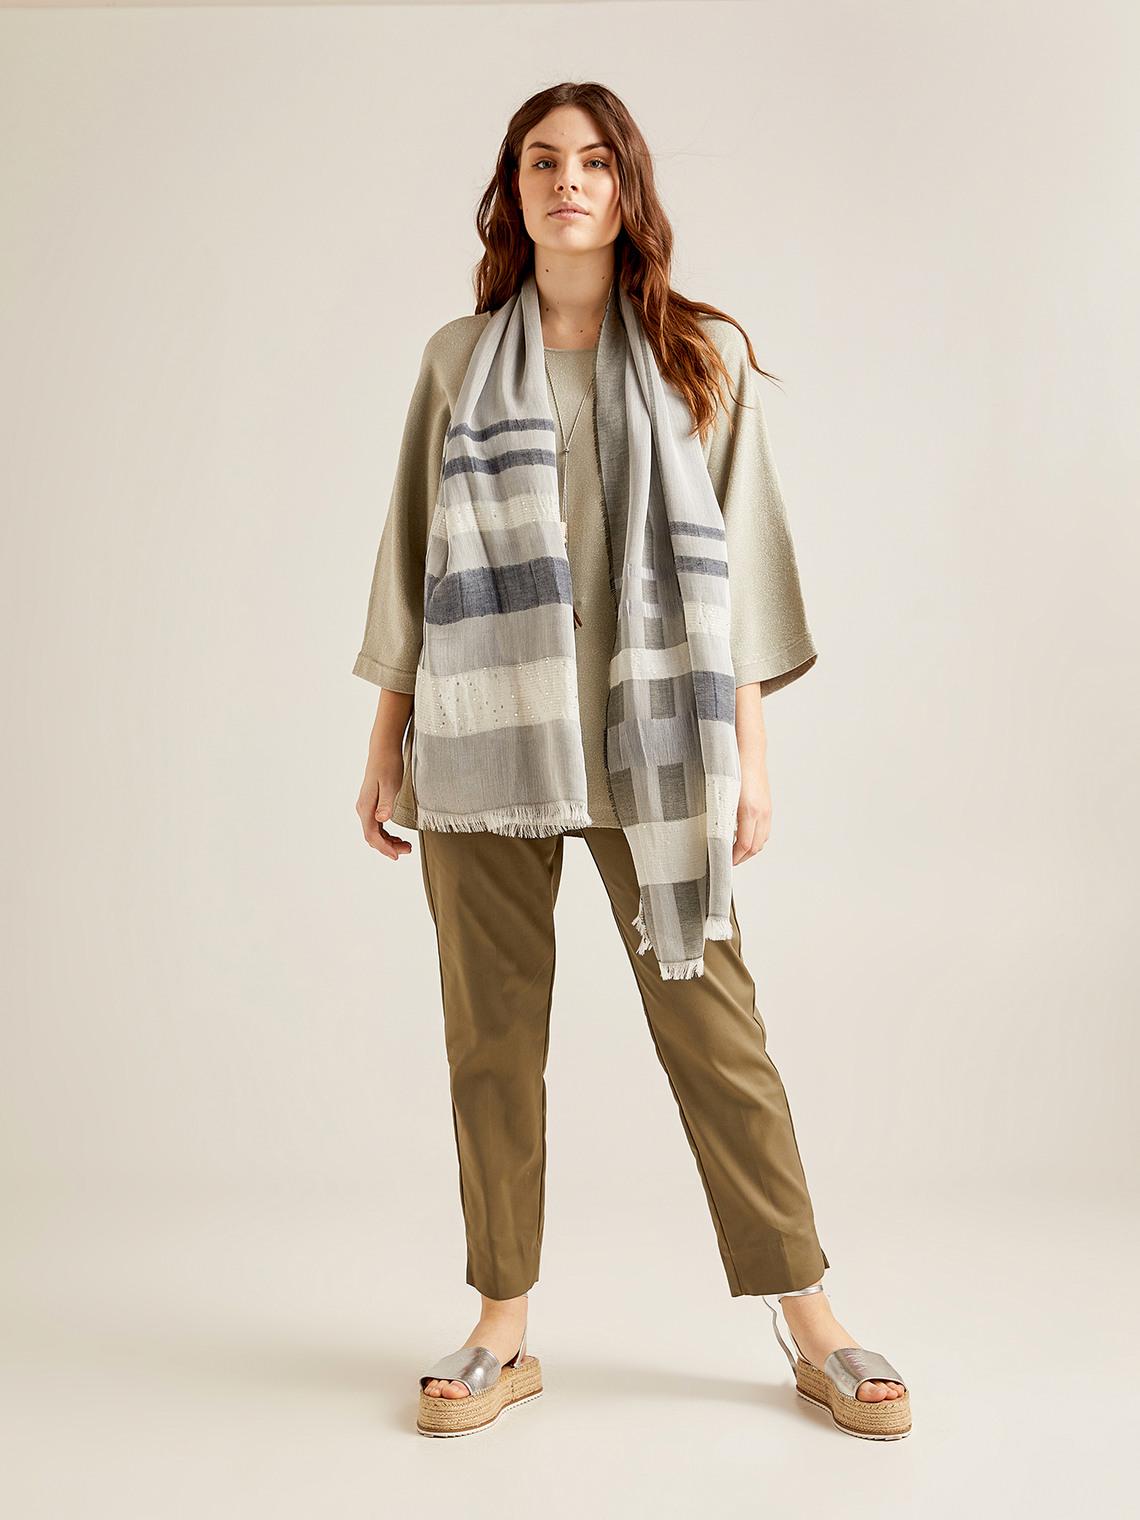 nuovo stile 9e252 b0bfa Pantaloni in raso pregiato - Elena Mirò - FR